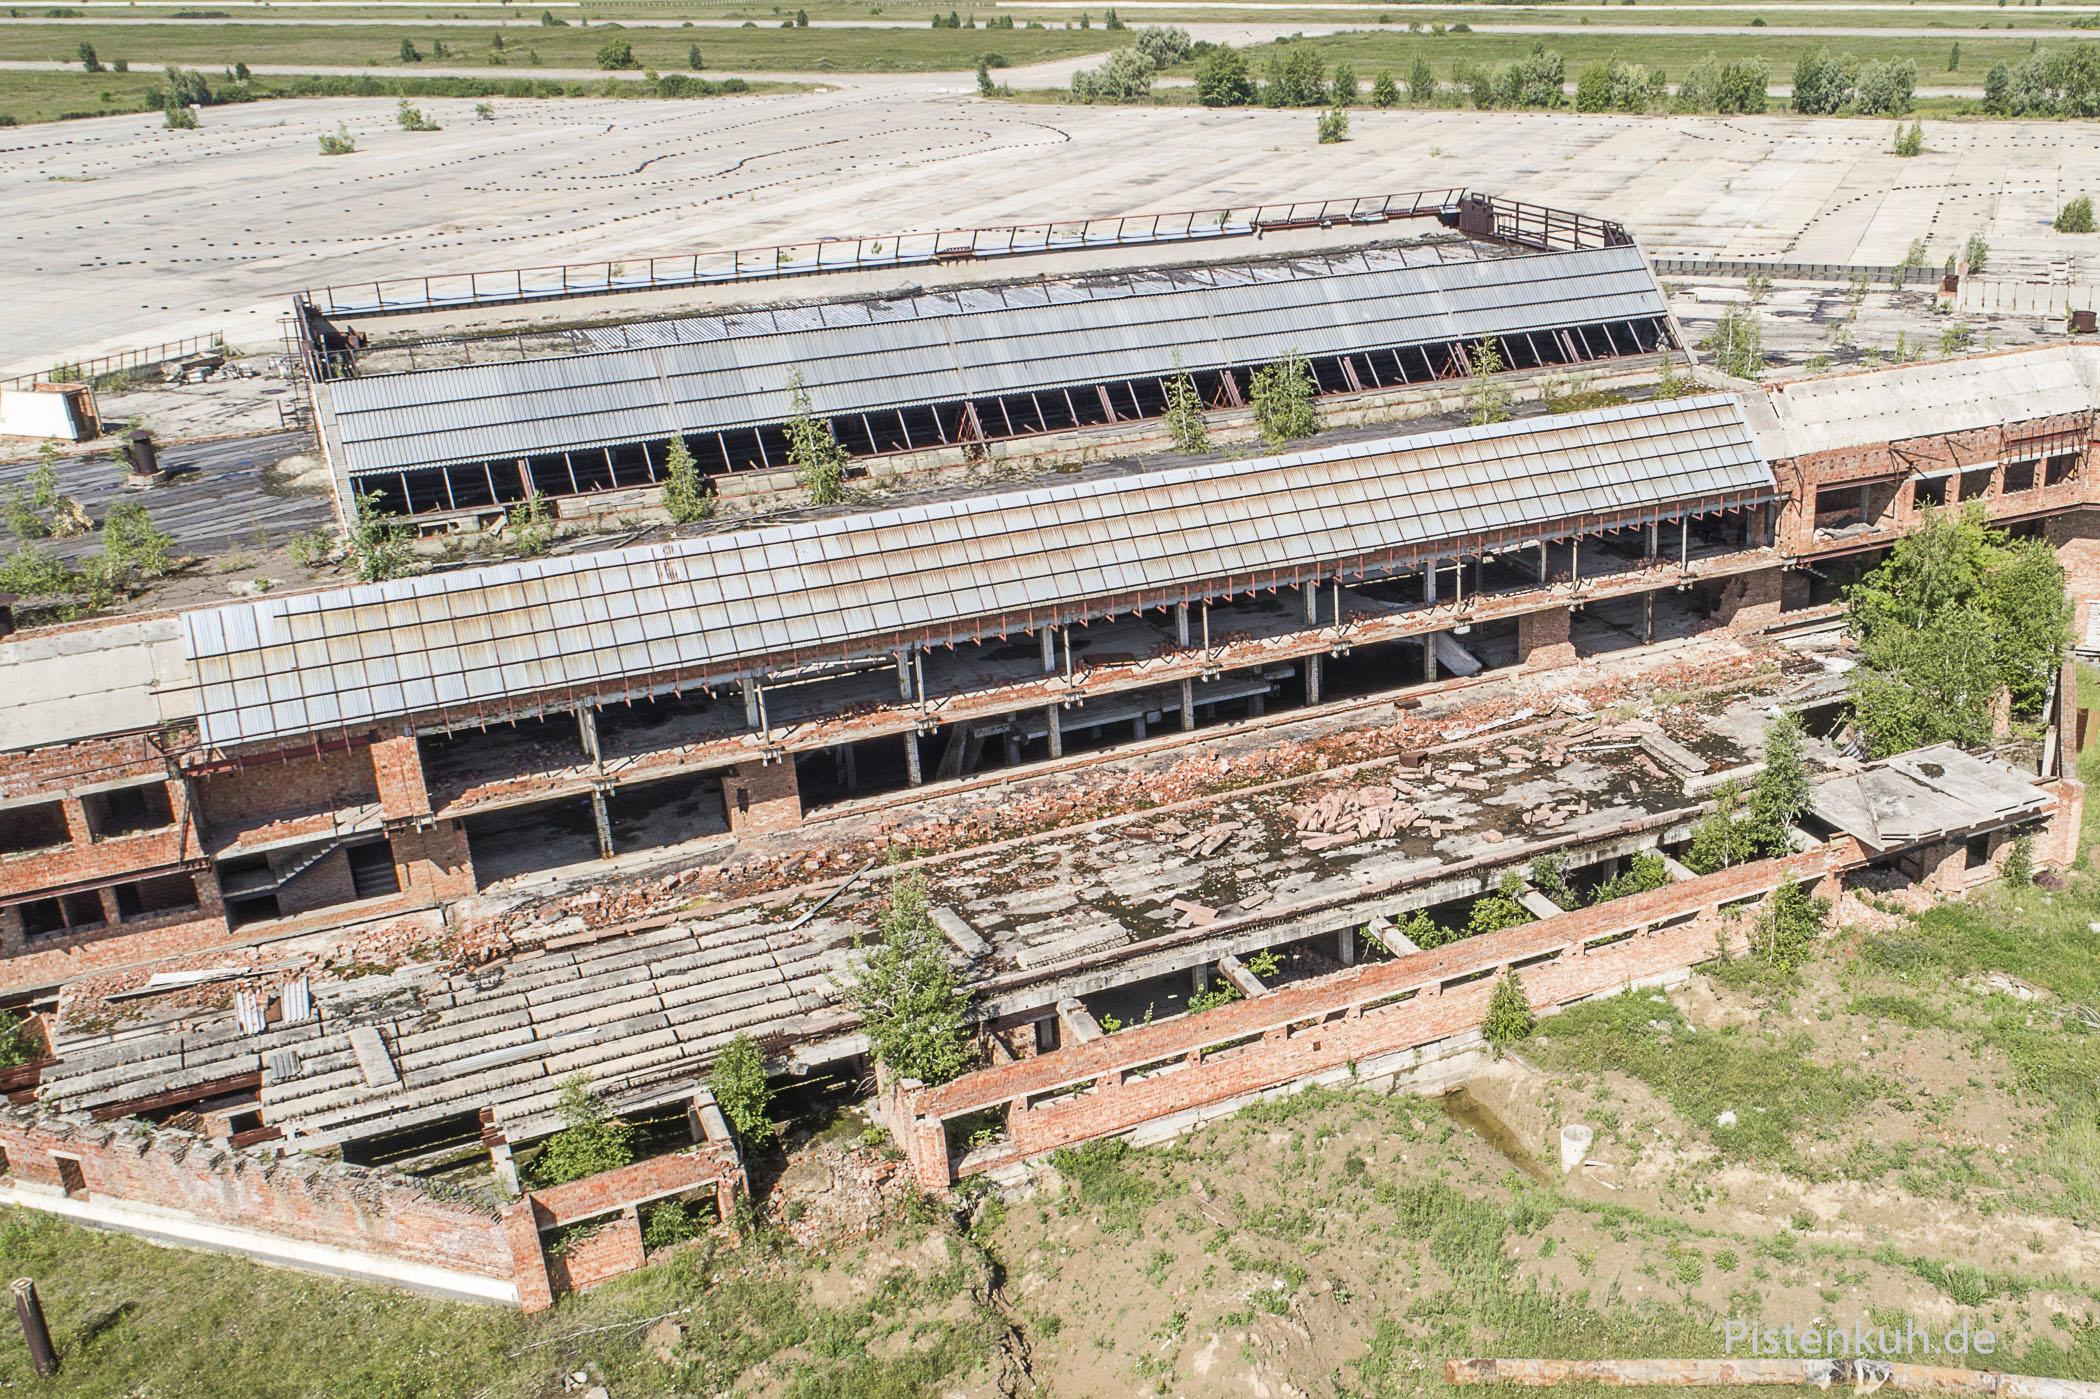 Das Empfangsgebäude der verfallenen Flughafen-Ruine in Omsk.